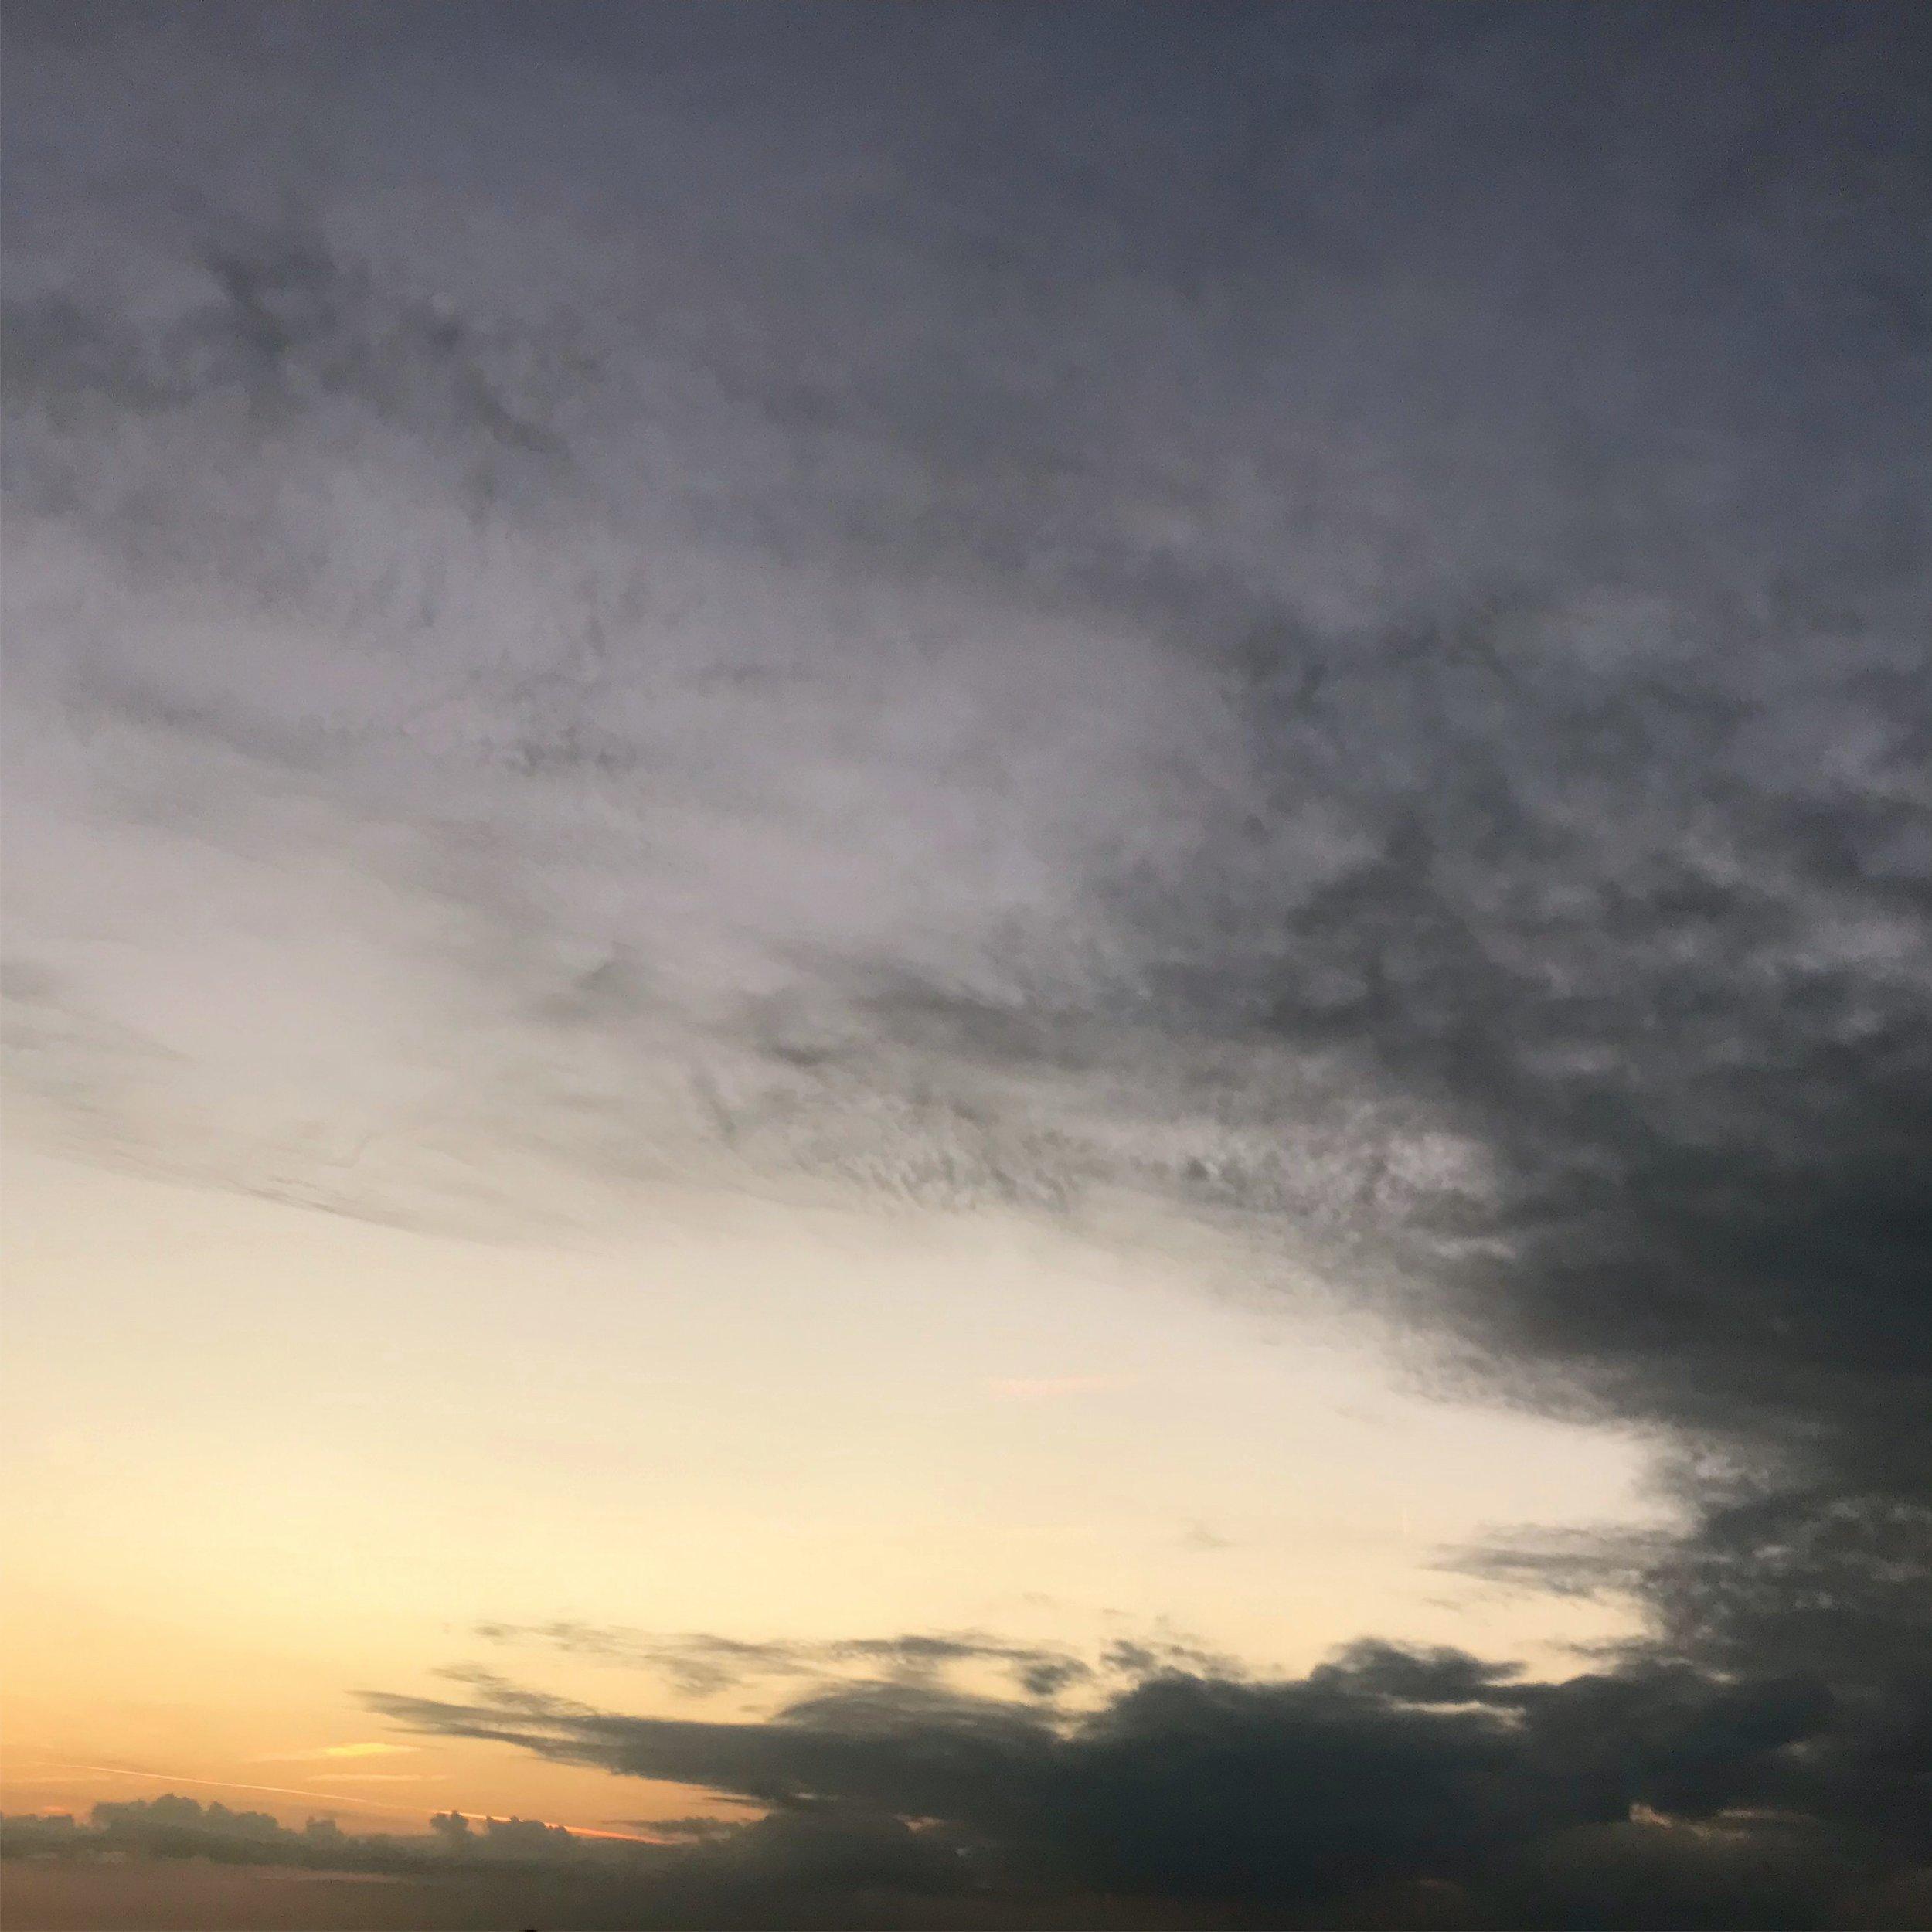 After Sunset, Lido Beach